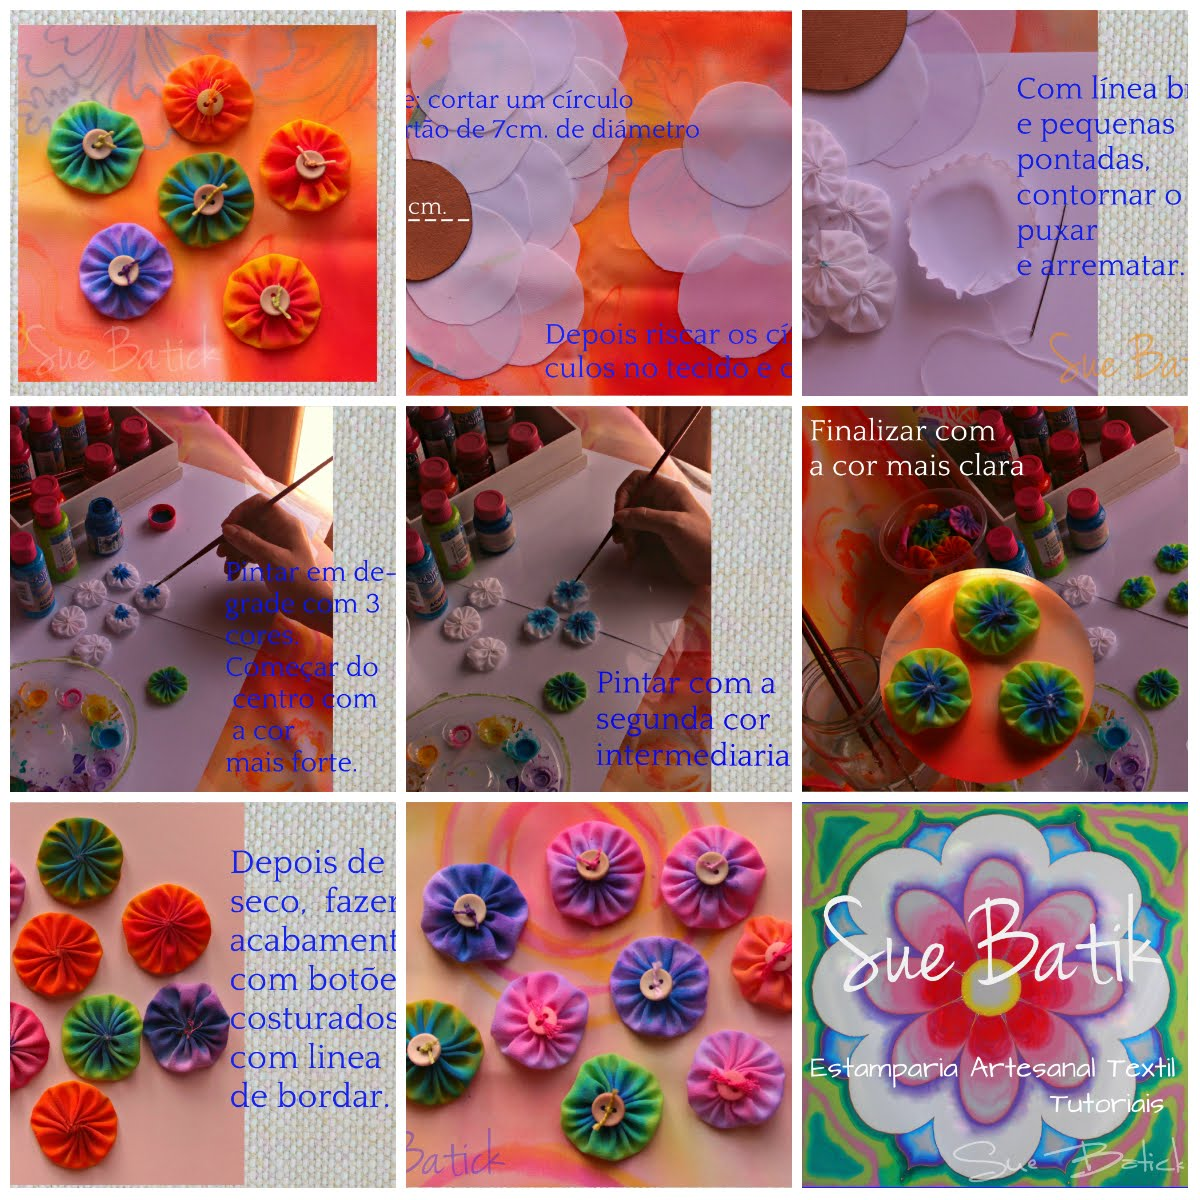 Veja também ➽ Fuxico de seda pintado